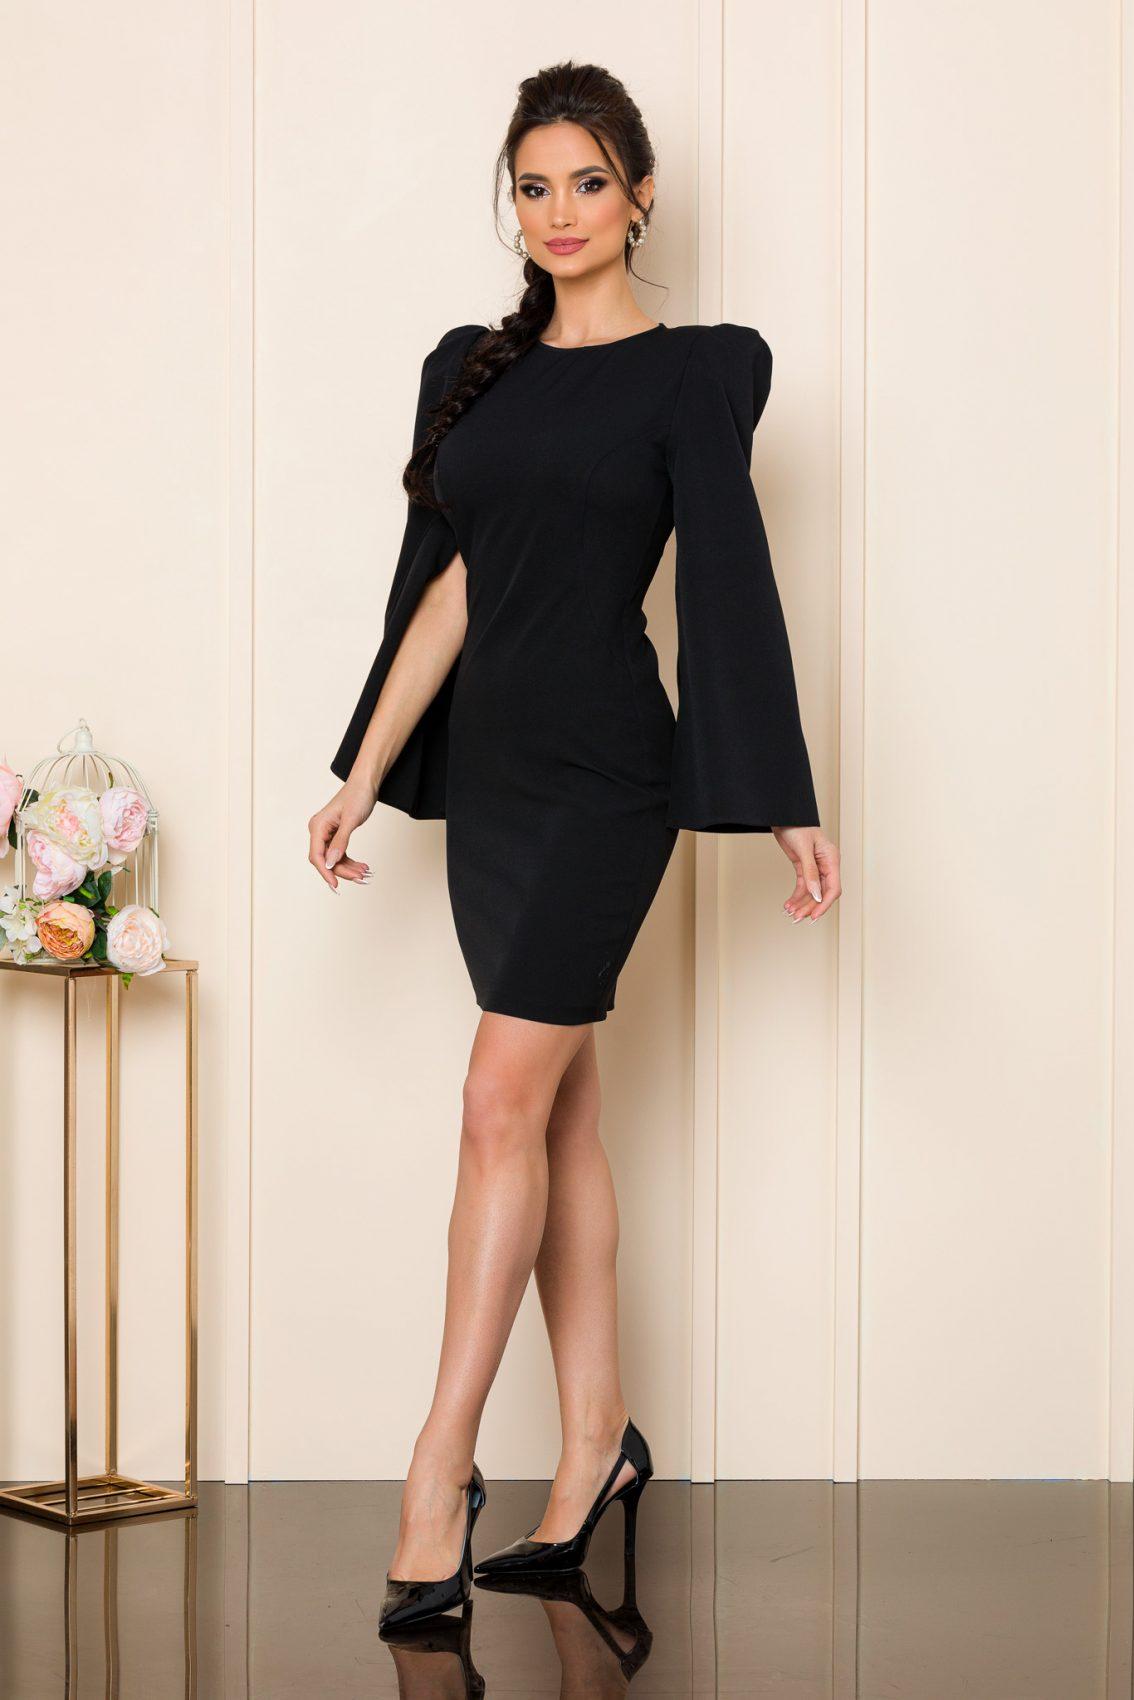 Μαύρο Μίνι Φόρεμα Dulce 9843 1